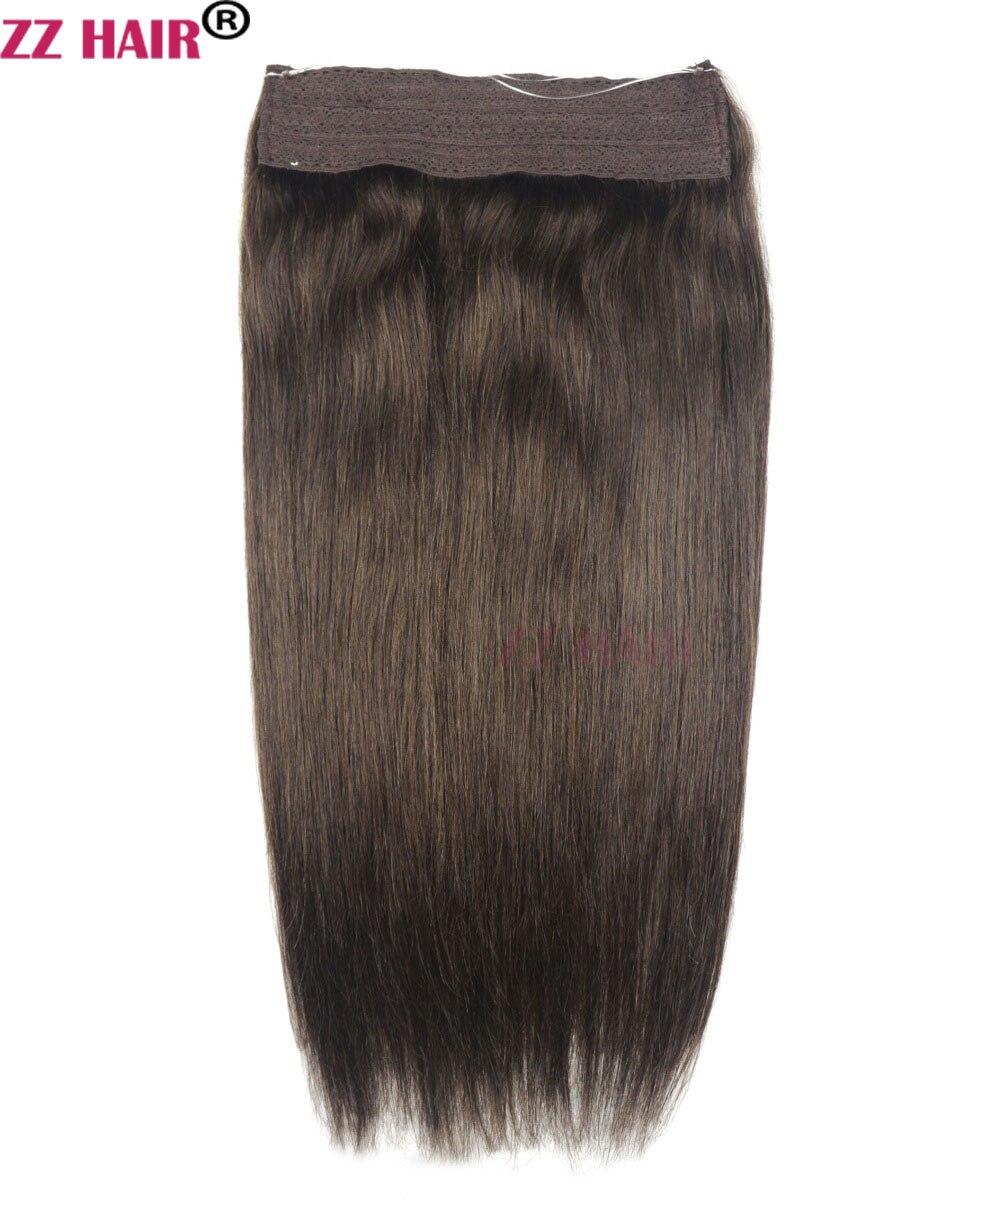 ZZHAIR 100g 120g 150g 200g 16 -24 Fait à la machine Remy Halo Flip Cheveux dans les Cheveux Humains Extensions One piece Ensemble Non-clips Poissons Ligne